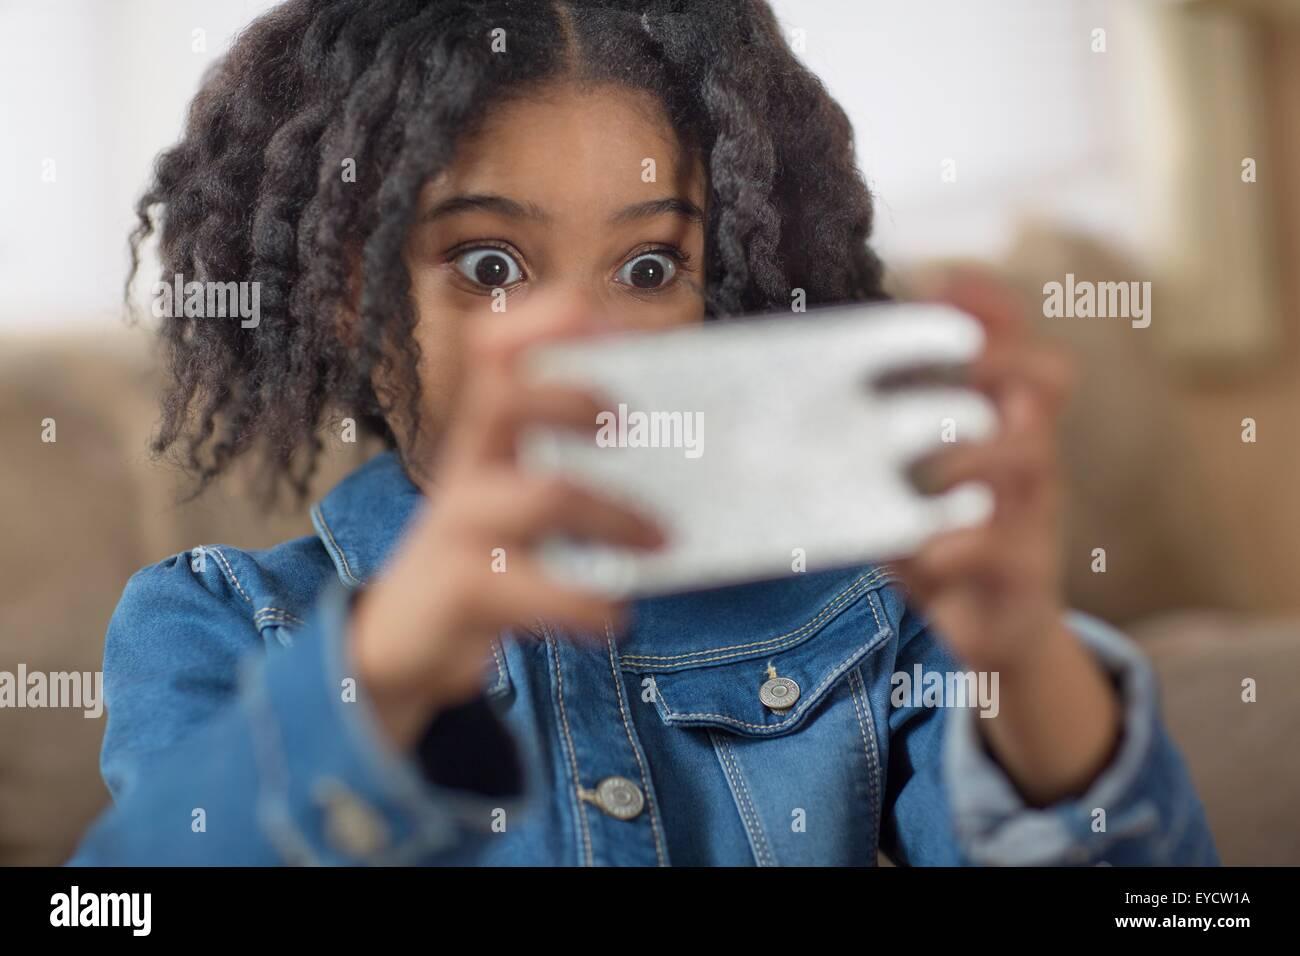 Ravvicinata di una ragazza carina cercando sorpreso per smartphone selfie Immagini Stock